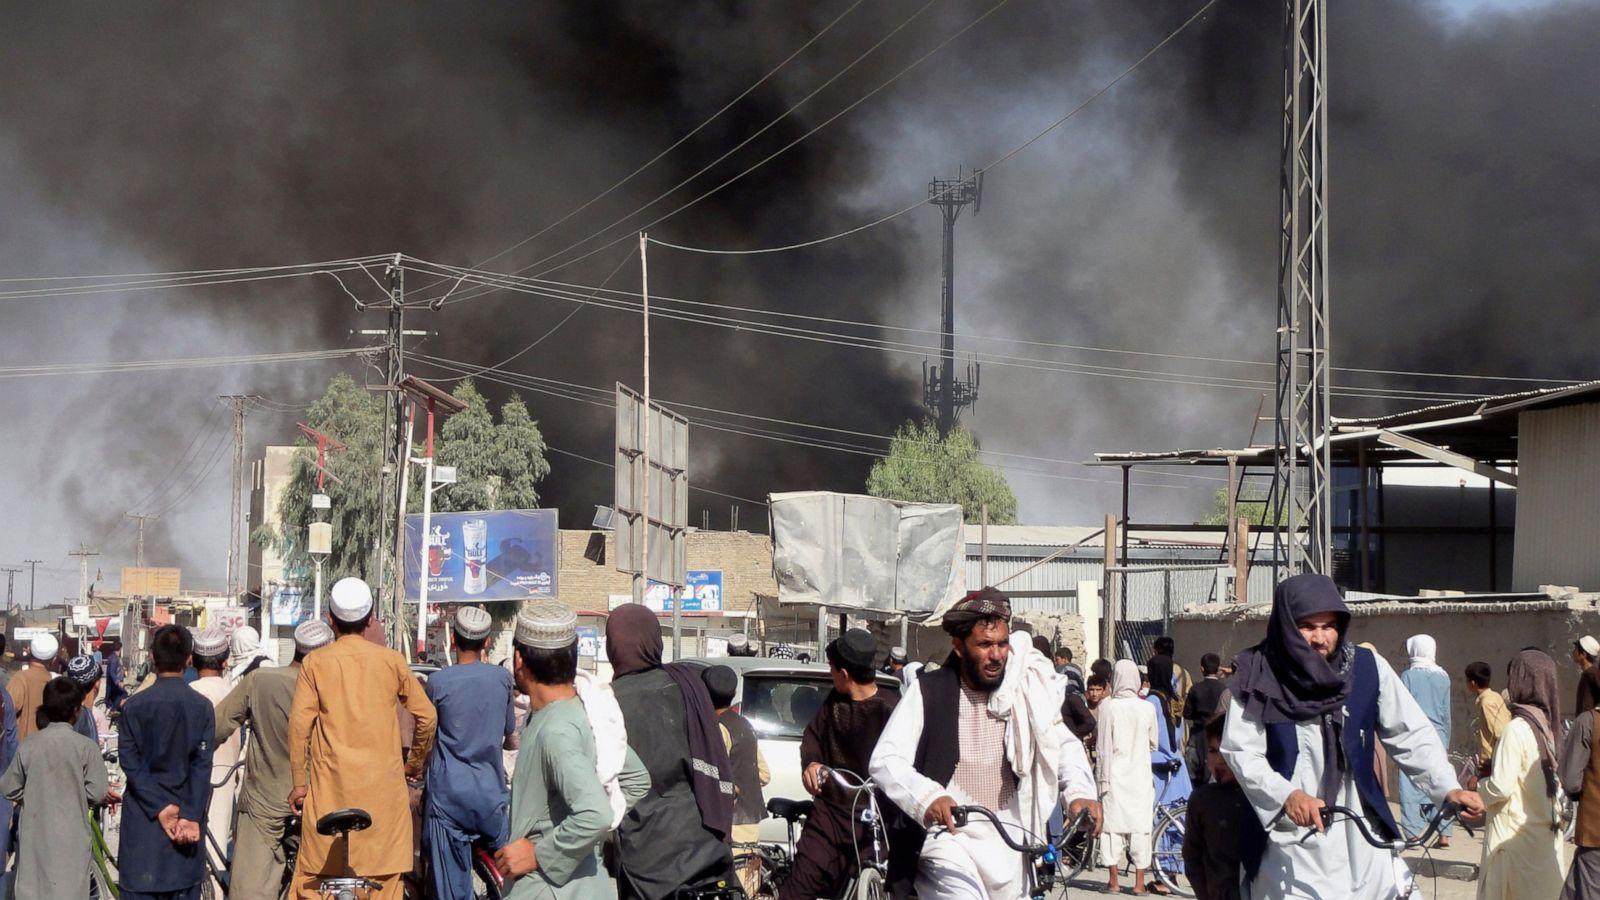 دولت افغانستان سقوط کرد| رهبر طالبان وارد فرودگاه کابل شد| نمایندگان طالبان در کاخ ریاست جمهوری